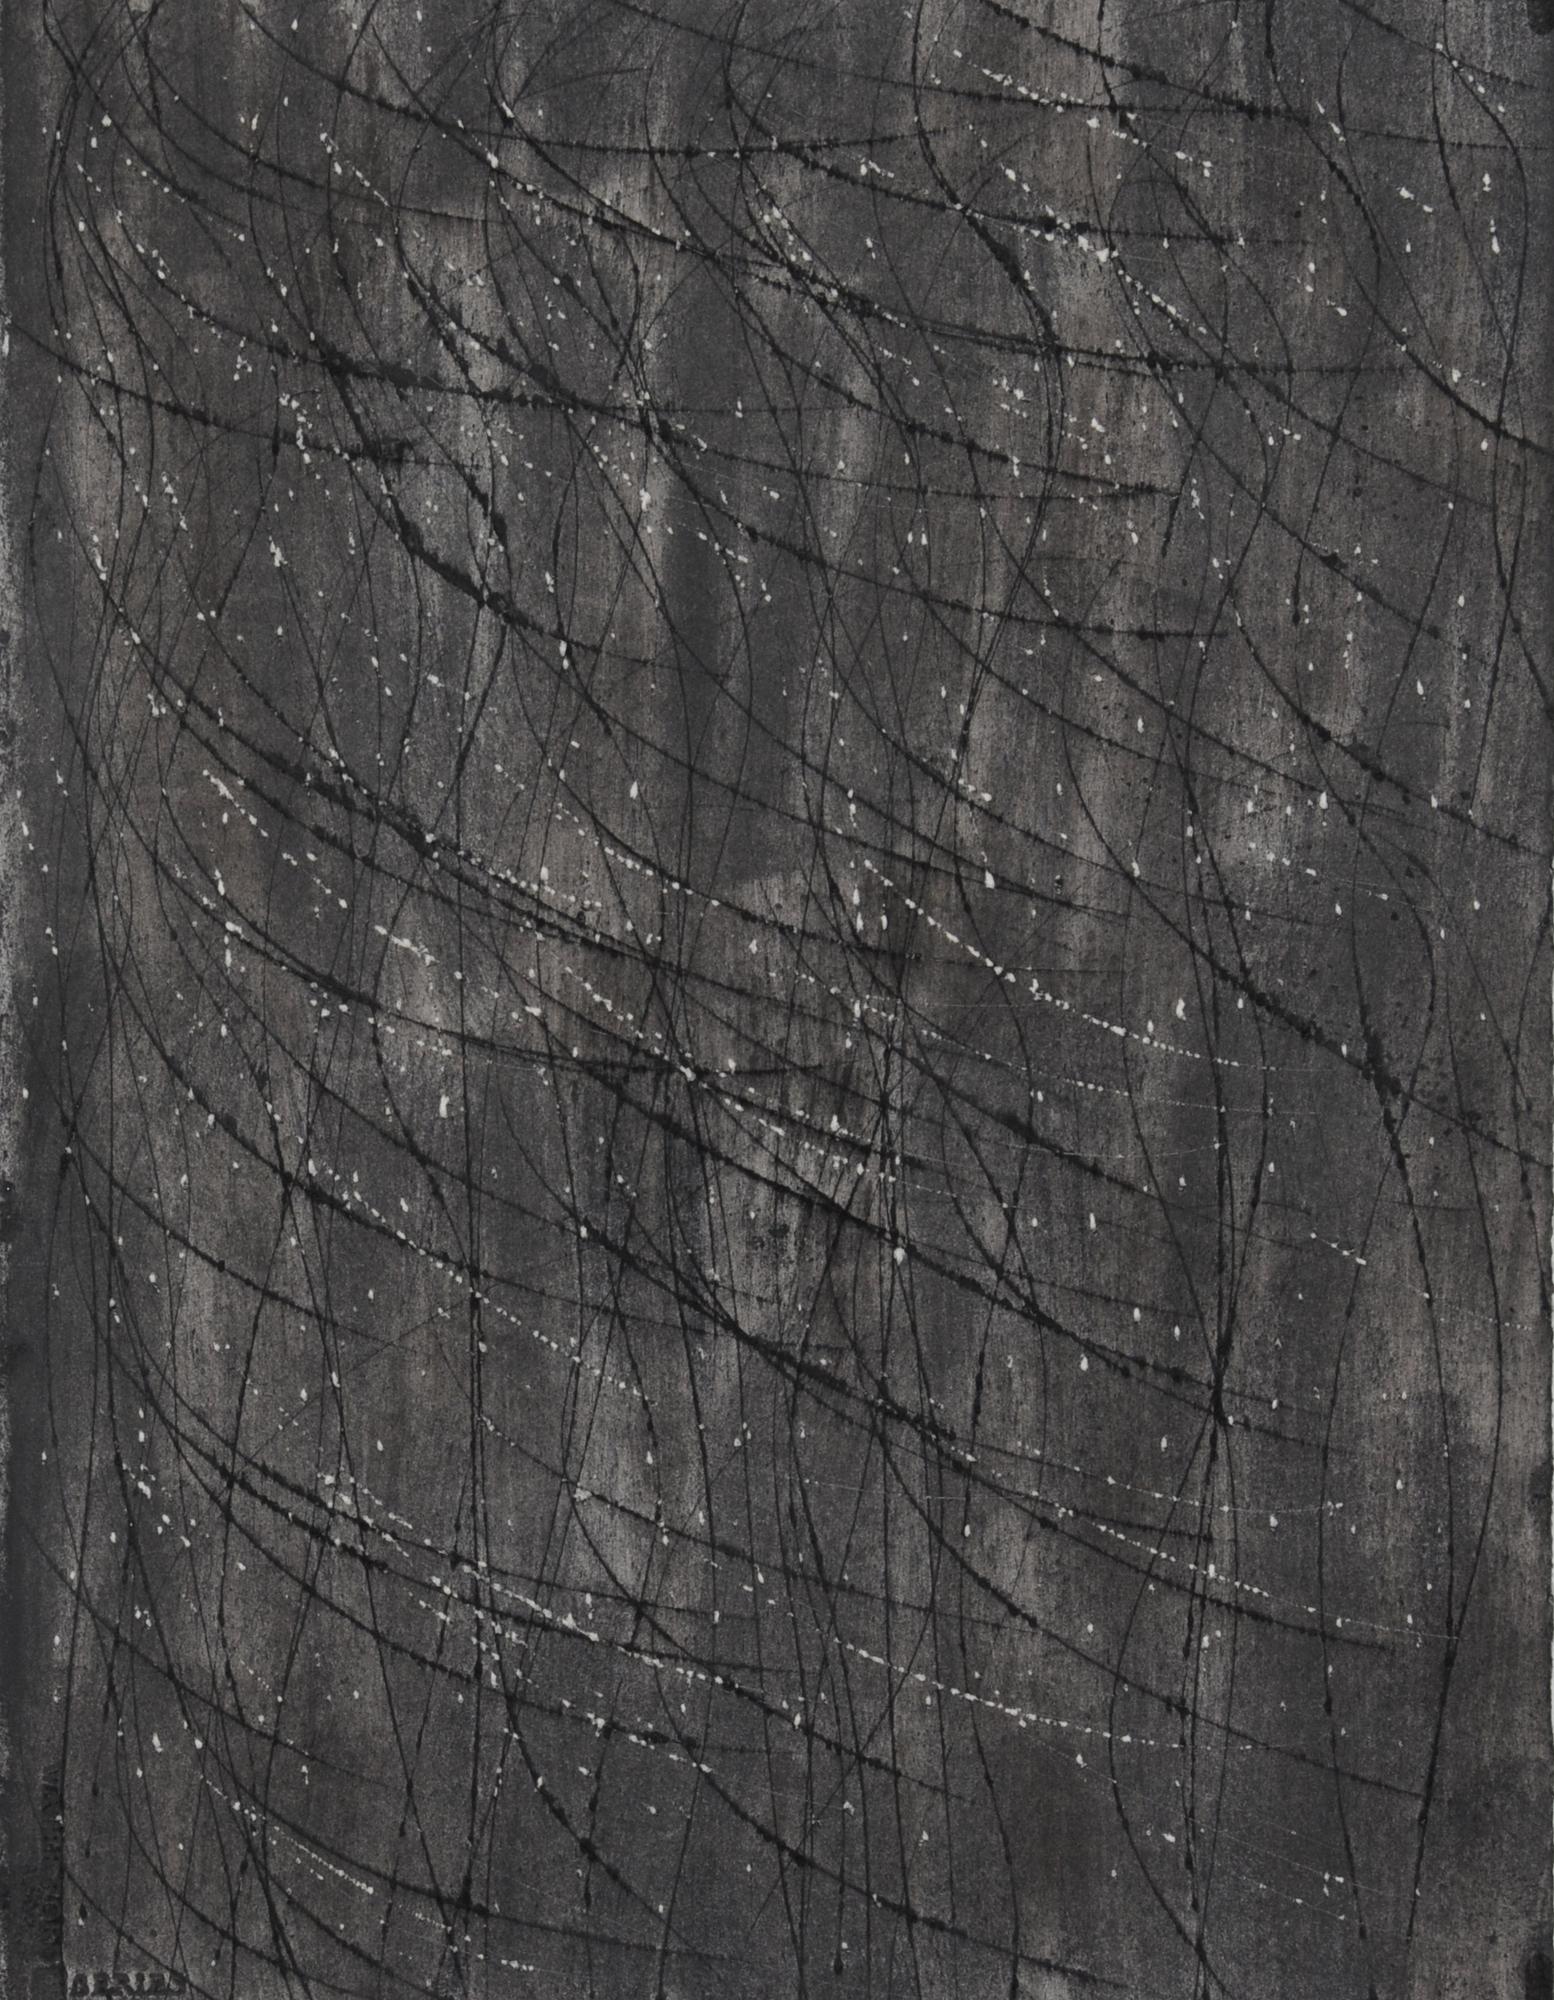 Steinman Steven, Untitled